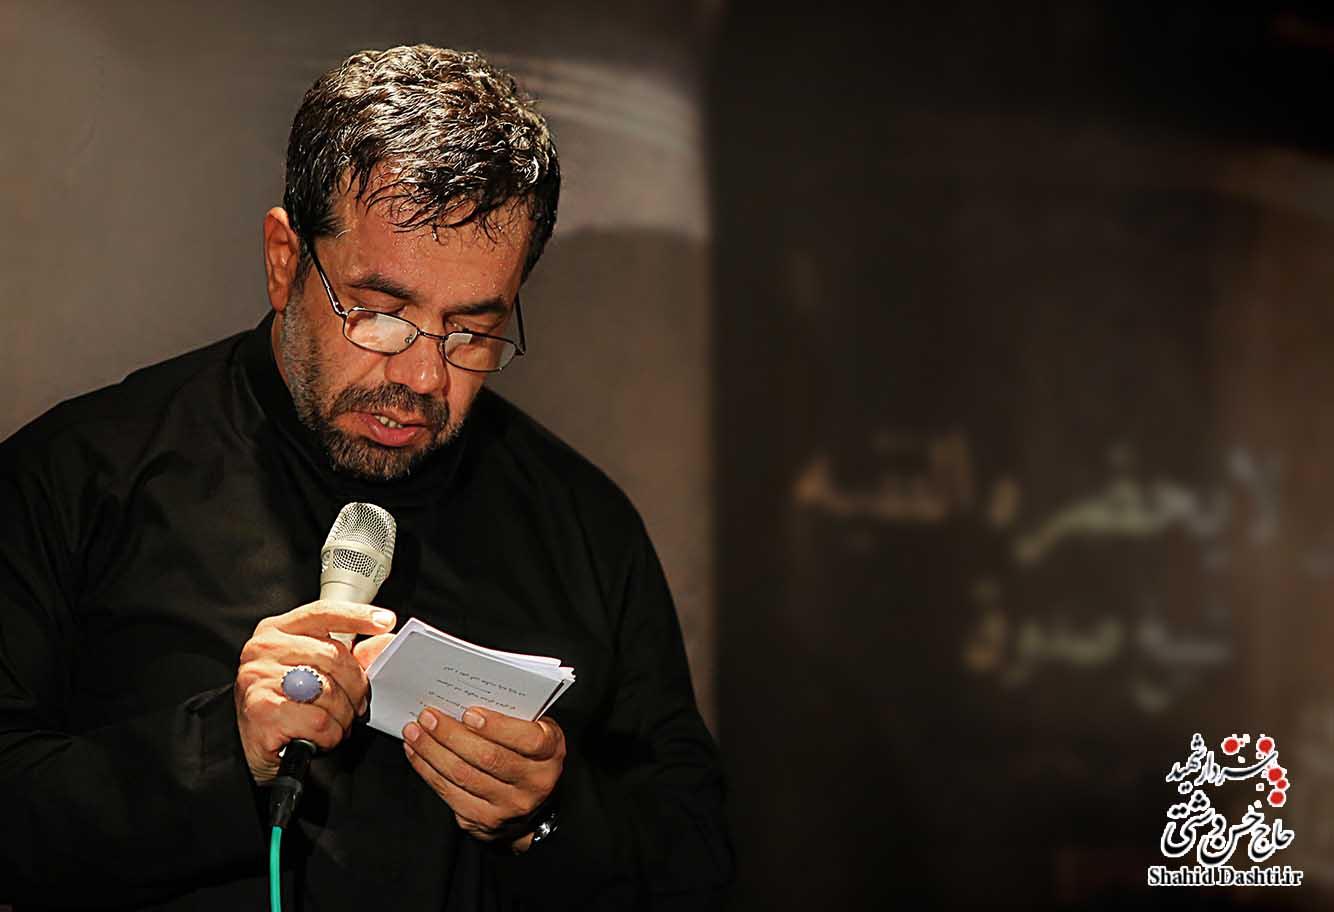 دانلود نوحه با قد خمیده خسته عمه با مداحی حاج محمود کریمی به مناسبت اربعین حسینی